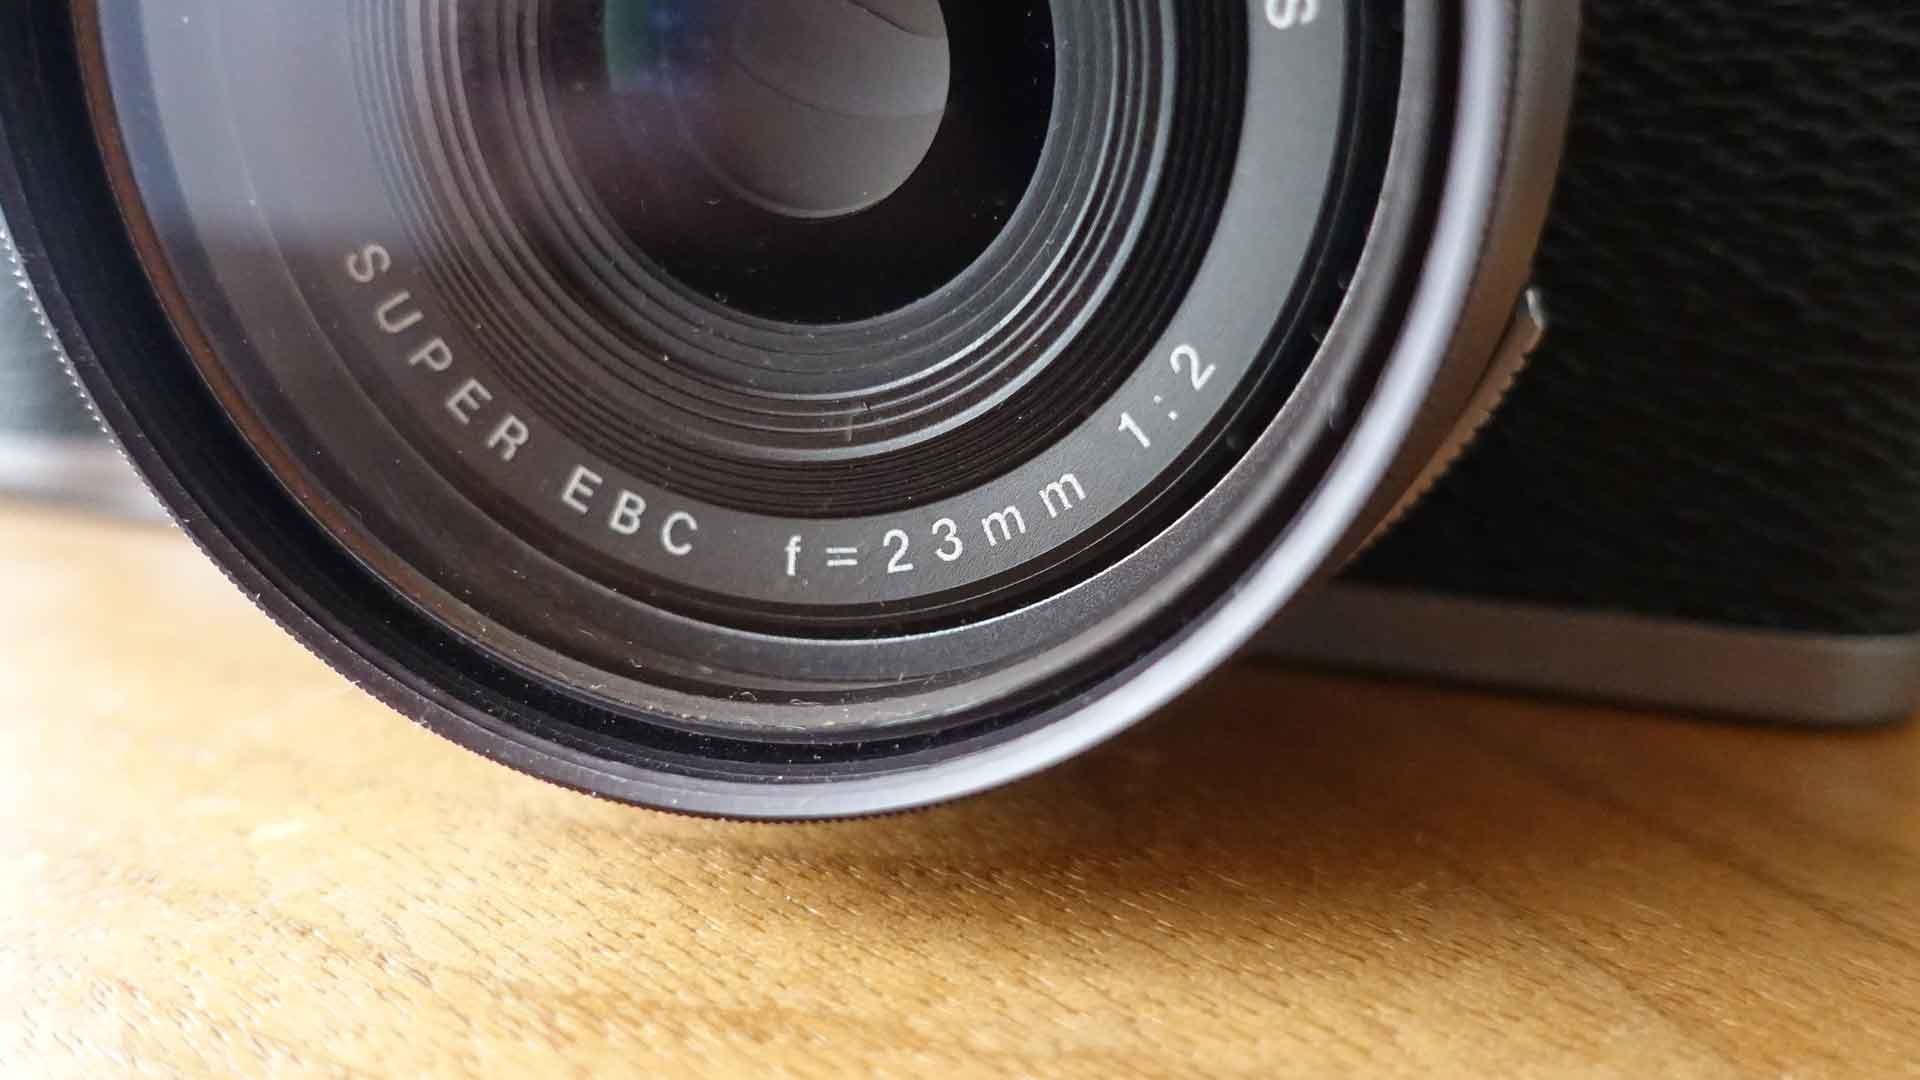 富士フイルム,fuji,x100,初代,お洒落,焦点距離,23mm